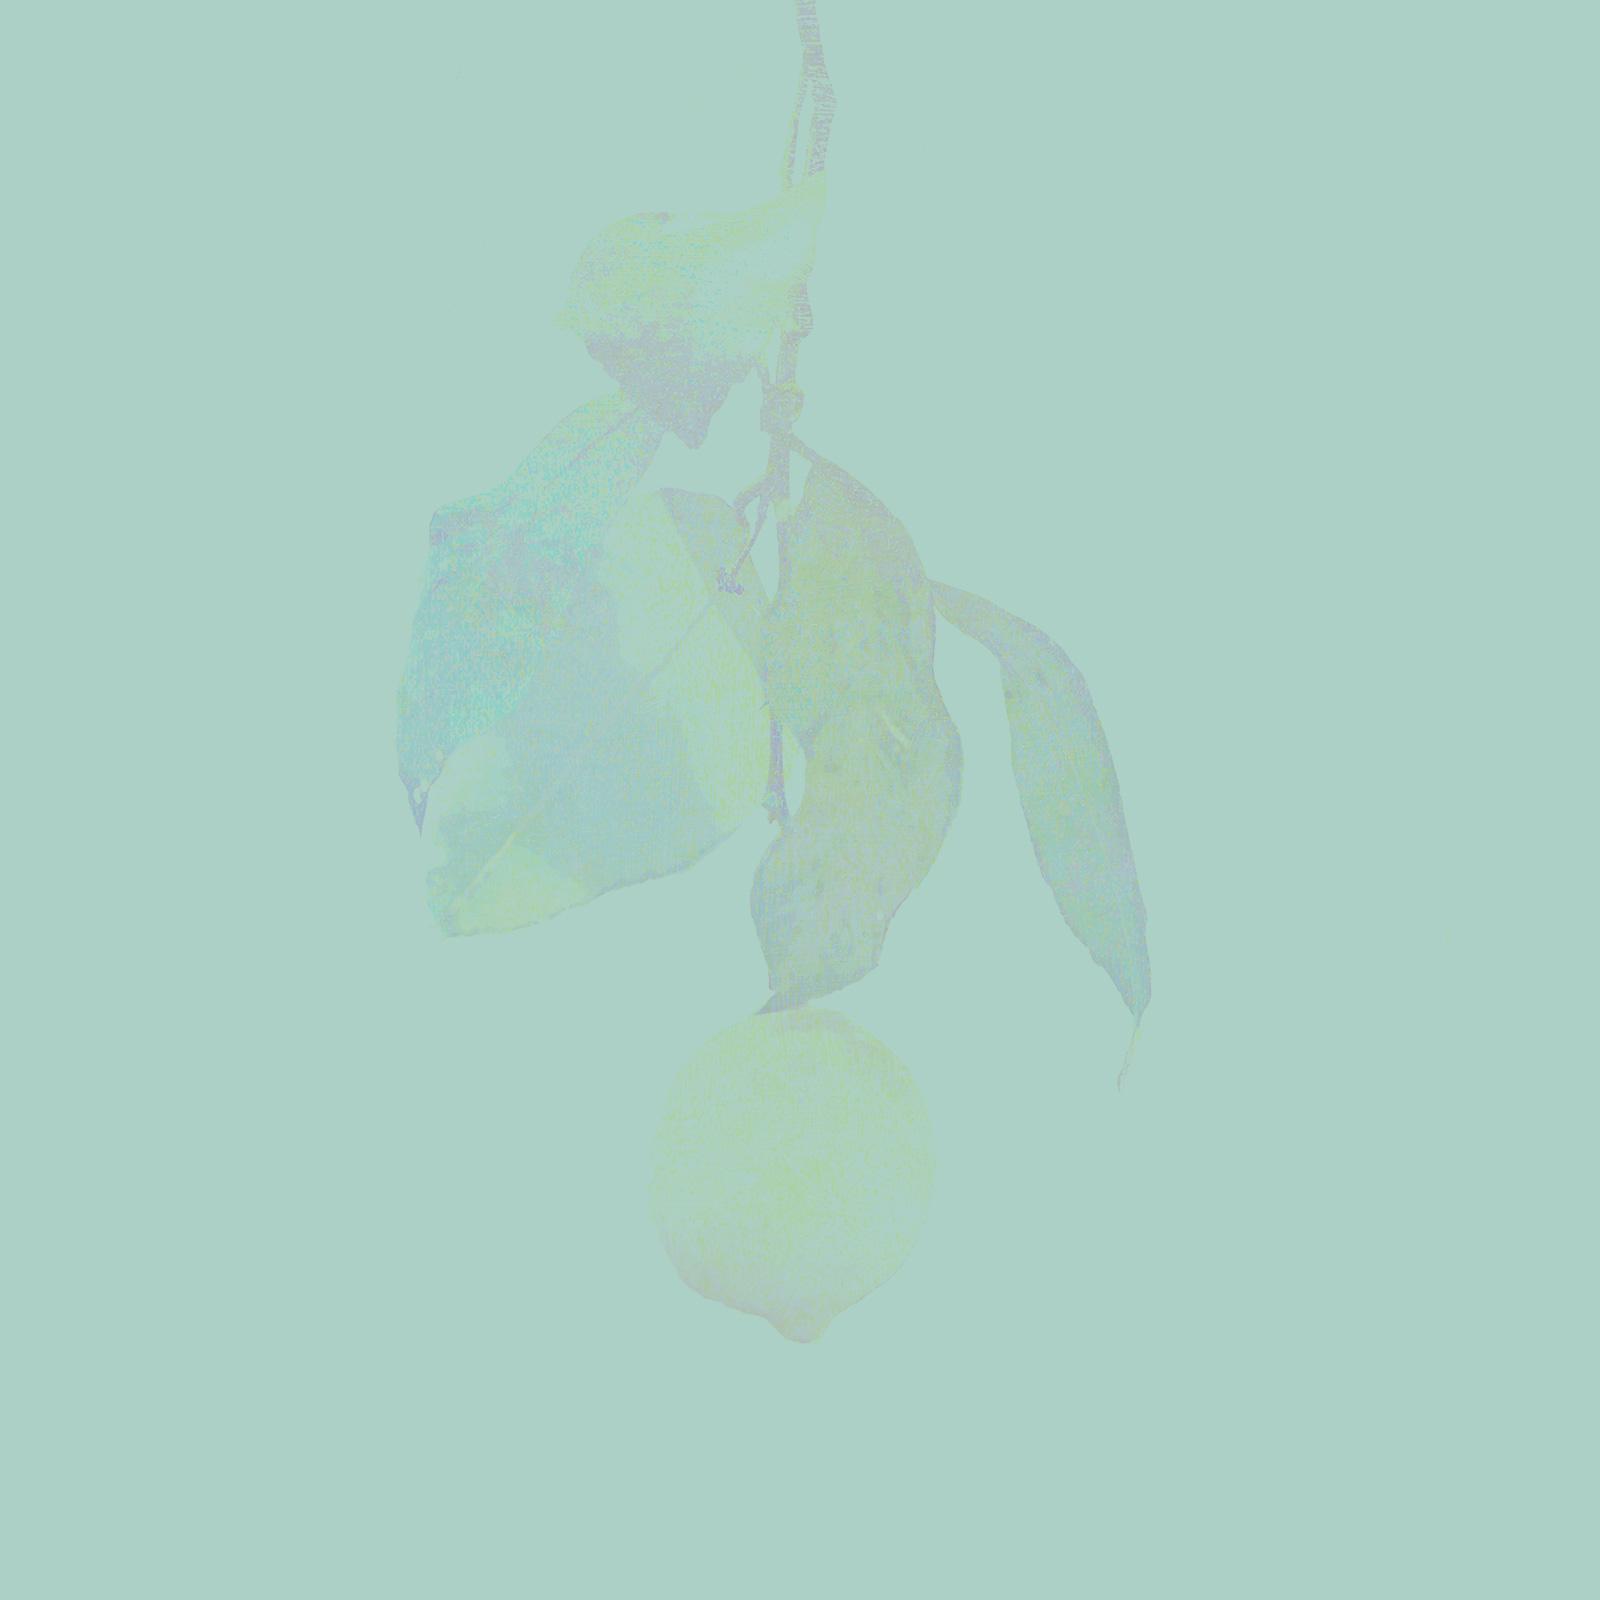 Lemon | 米津玄師 official site...